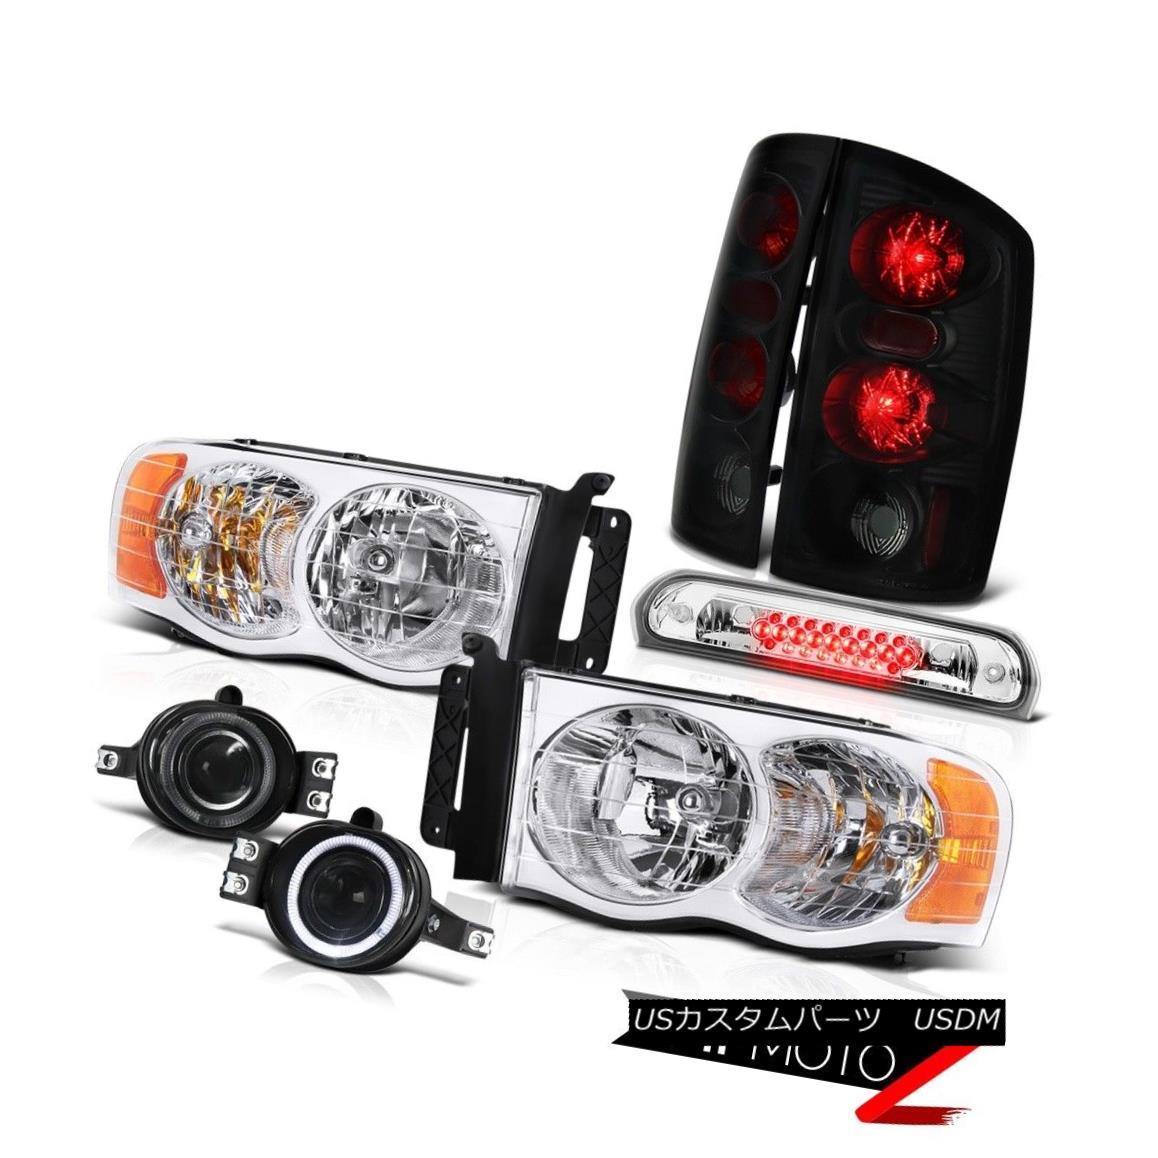 テールライト 2002-2005 Ram Headlamp Sinister Black Brake Lights Smoke Fog Chrome 3rd LED 2002-2005 Ram Headlamp SinisterブラックブレーキライトSmoke Fog Chrome 3rd LED